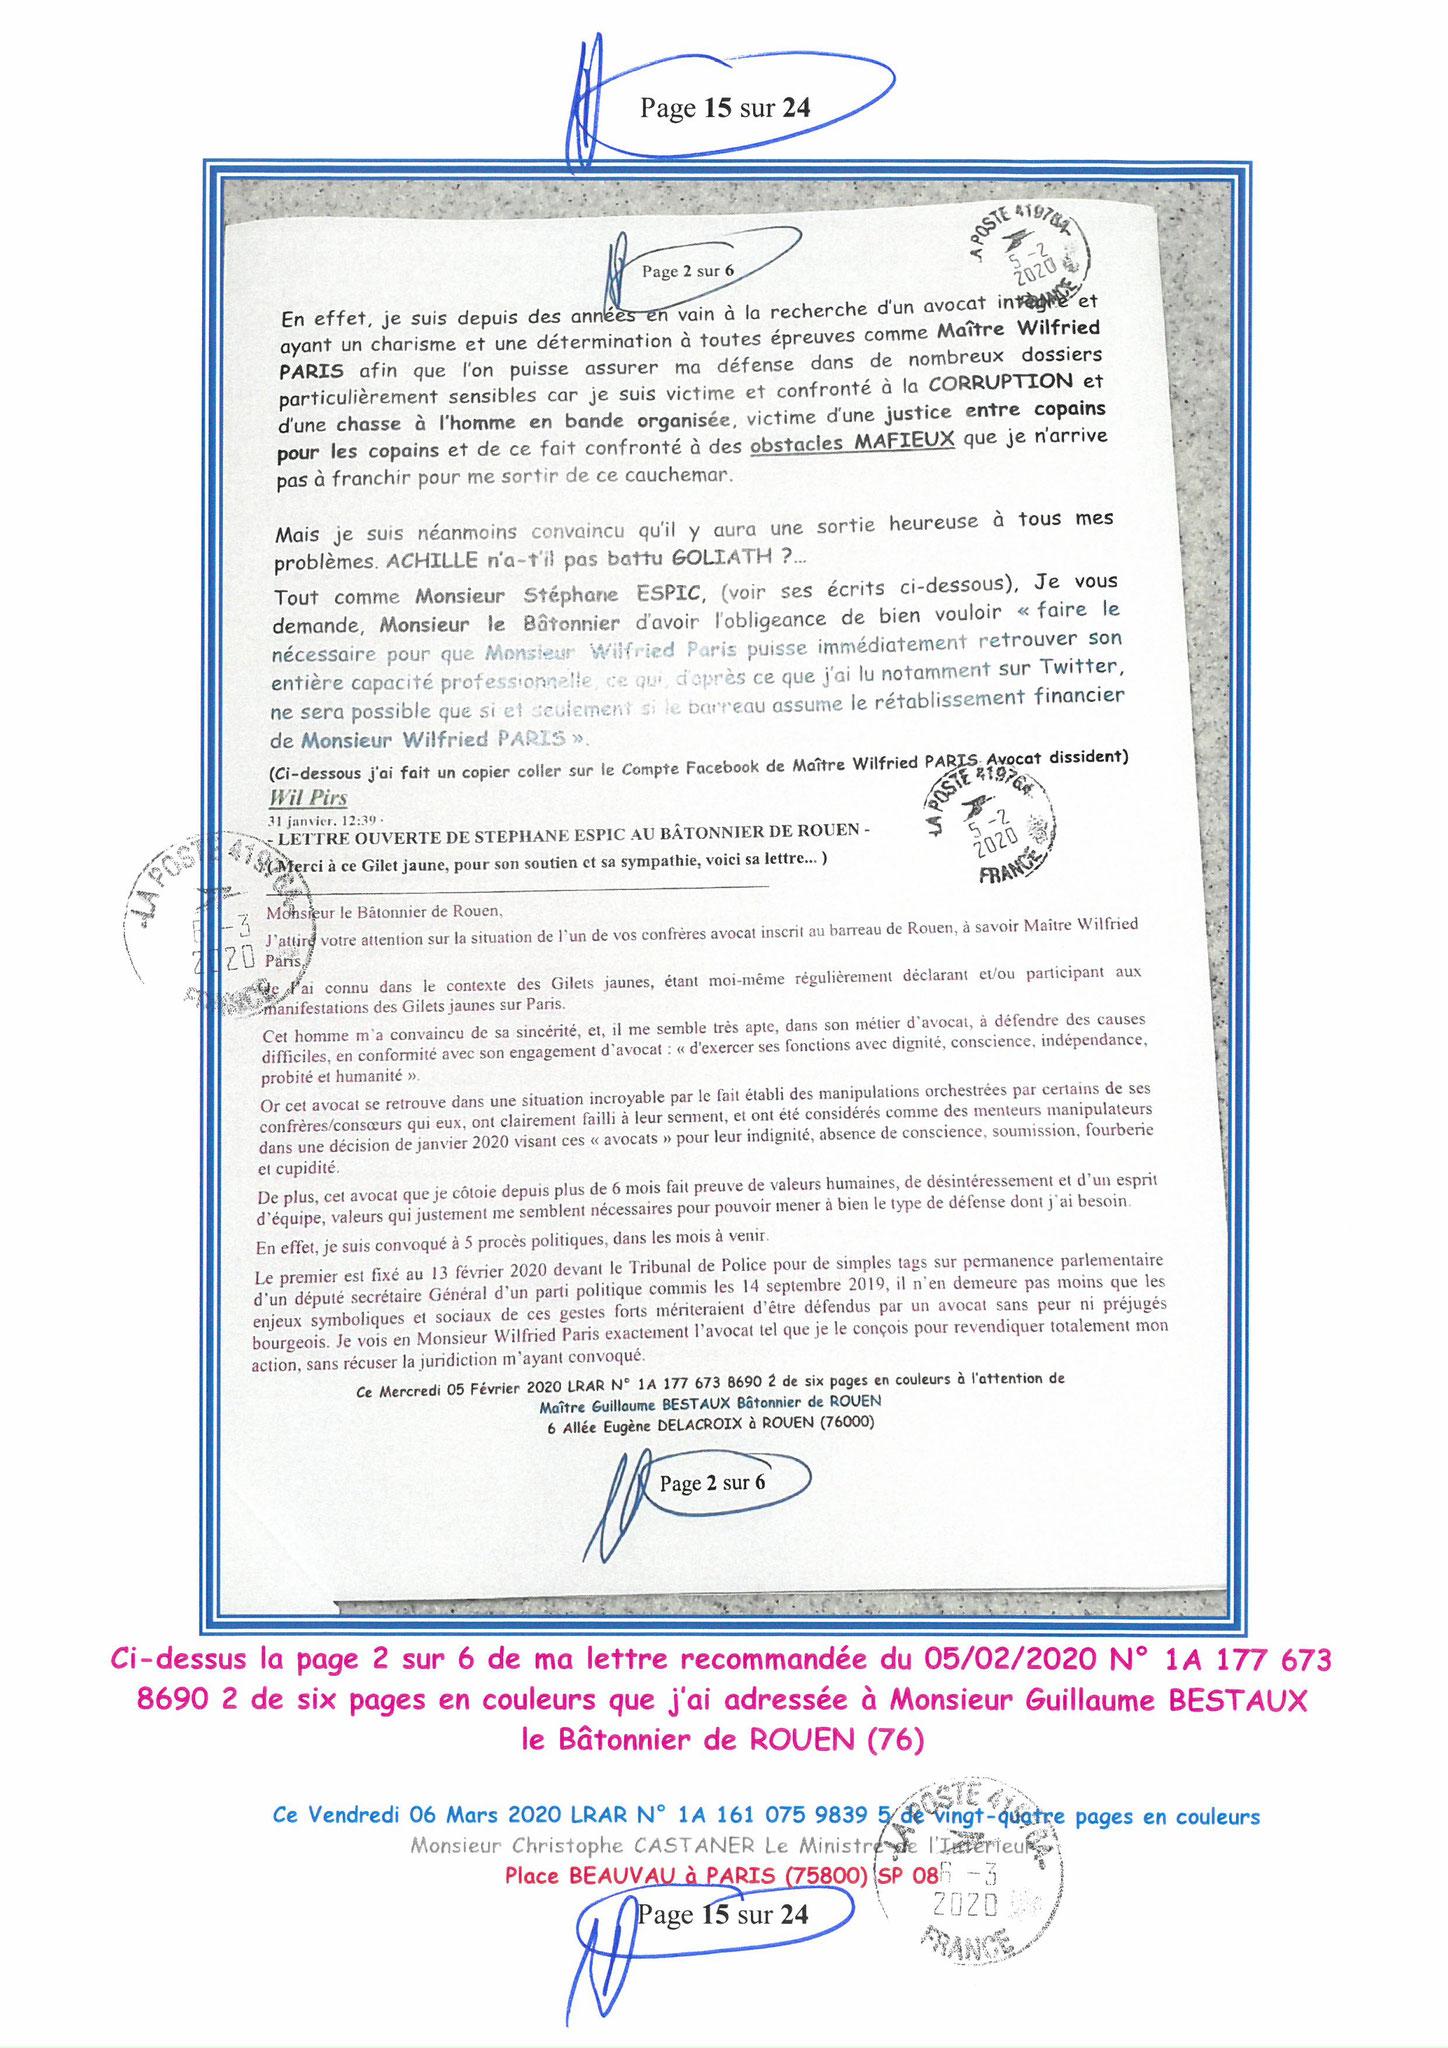 Ma LRAR à Monsieur le Ministre de l'Intérieur Christophe CASTANER N°1A 161 075 9839 5  Page 15 sur 24 en couleur du 06 Mars 2020  www.jesuispatrick.fr